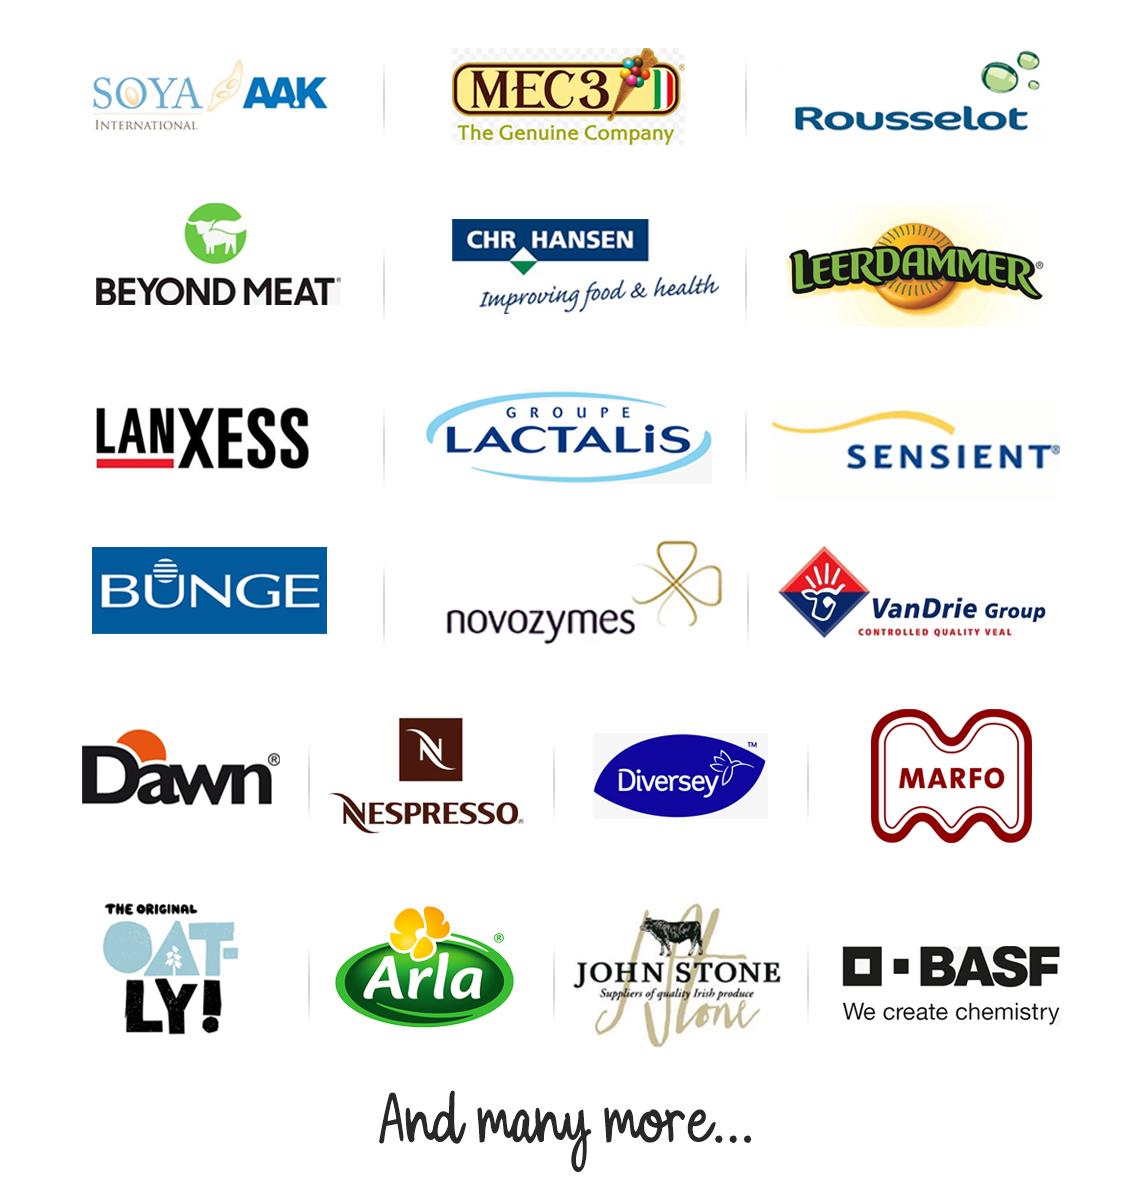 Nog meer klanten die een Halal certificering hebben ontvangen van Halal Quality Control